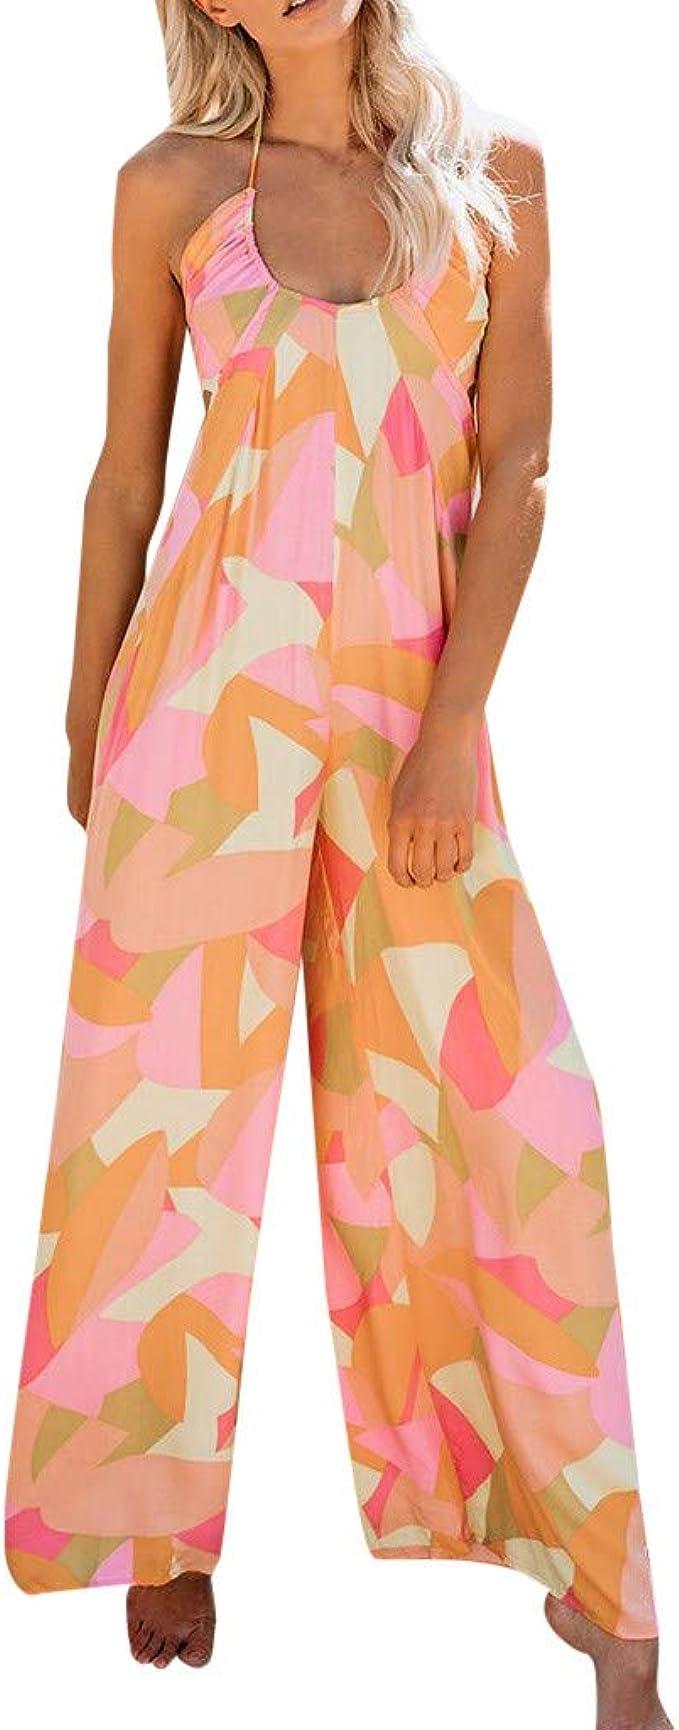 Damen Camouflage Overall Jumpsuit Playsuit Sommer Hosenanzug Spielanzug Romper